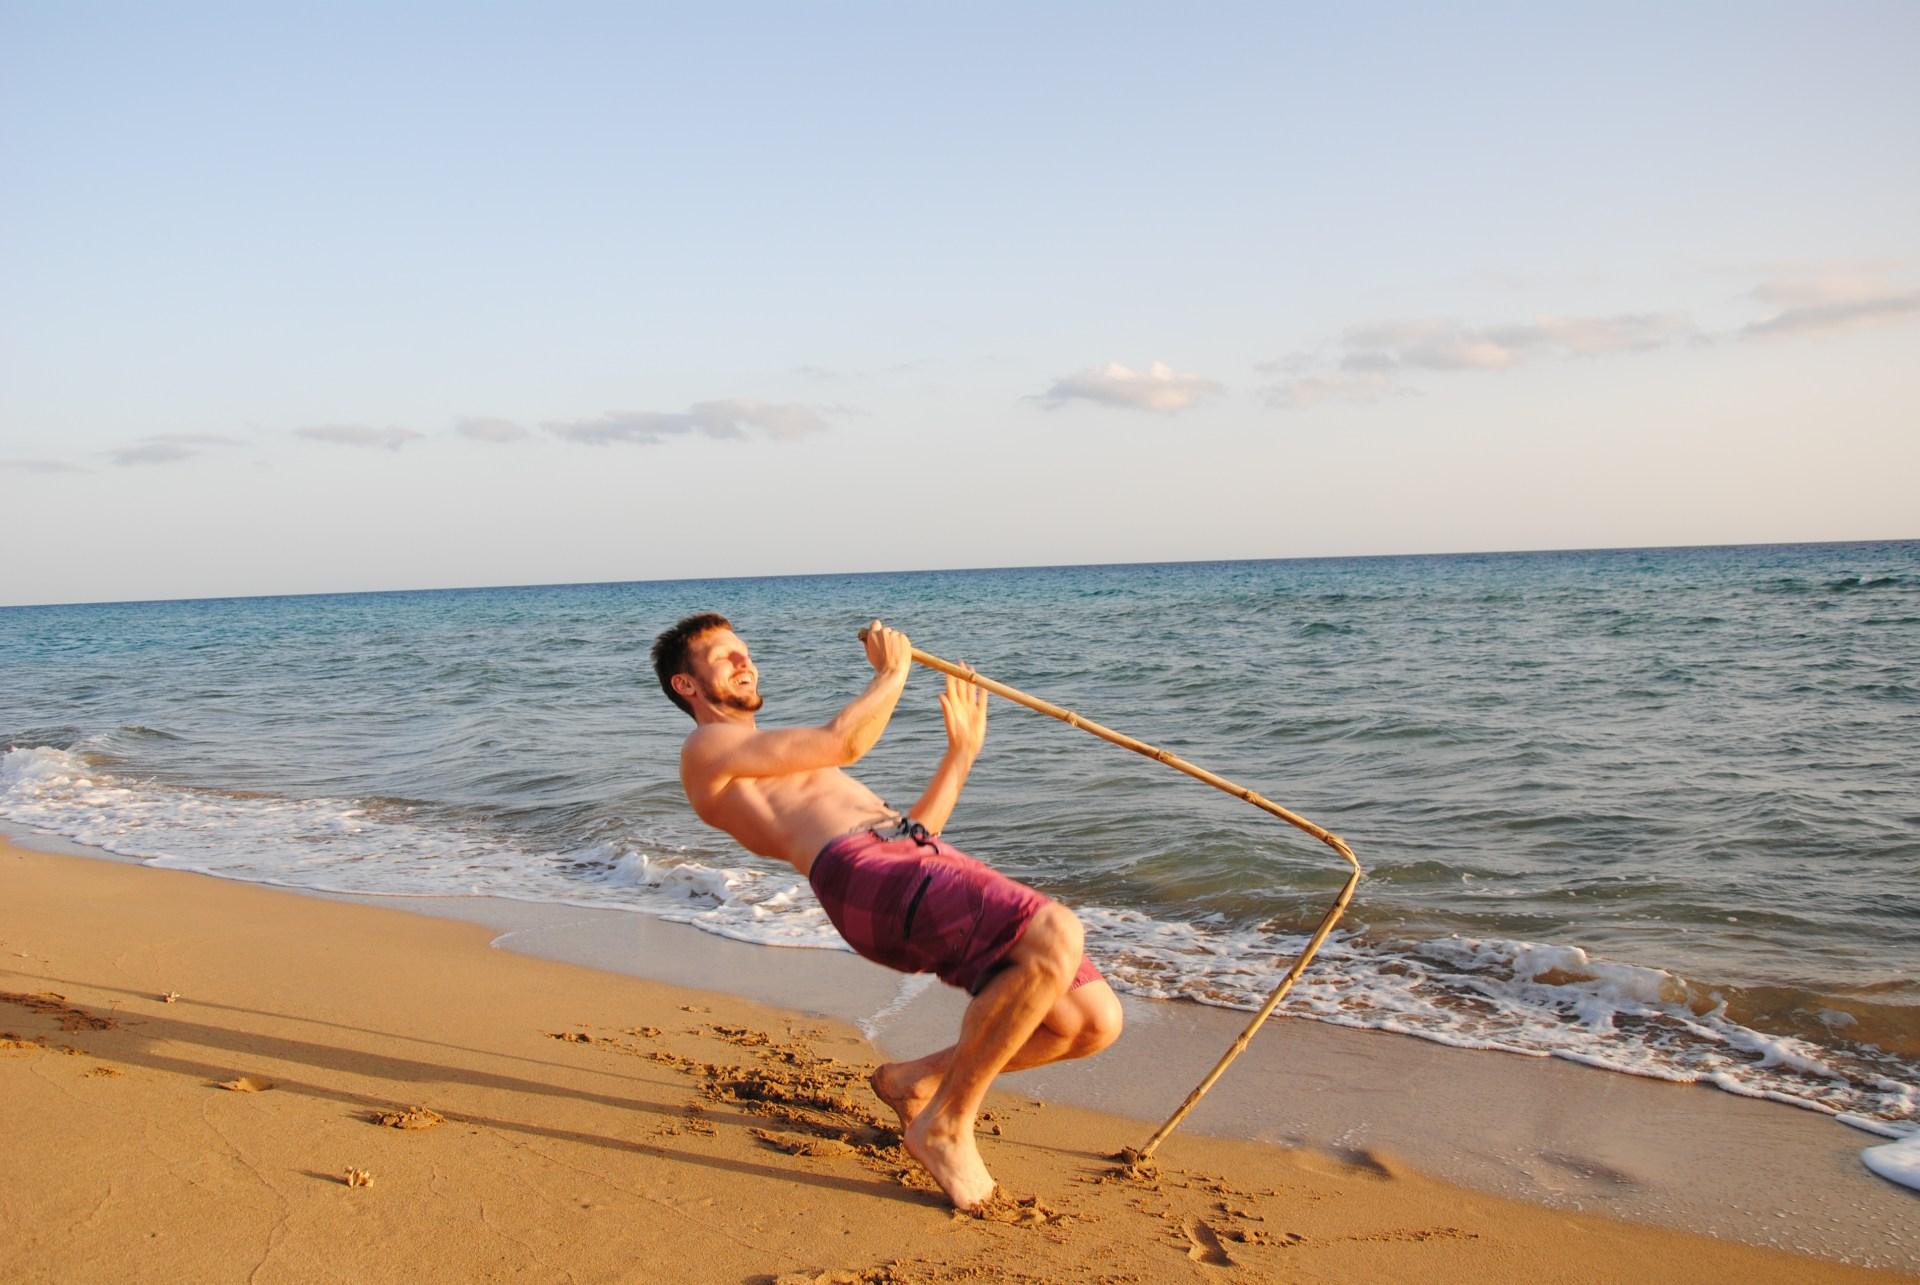 Sebastian fällt auf den Strand, da der Stock gebrochen ist